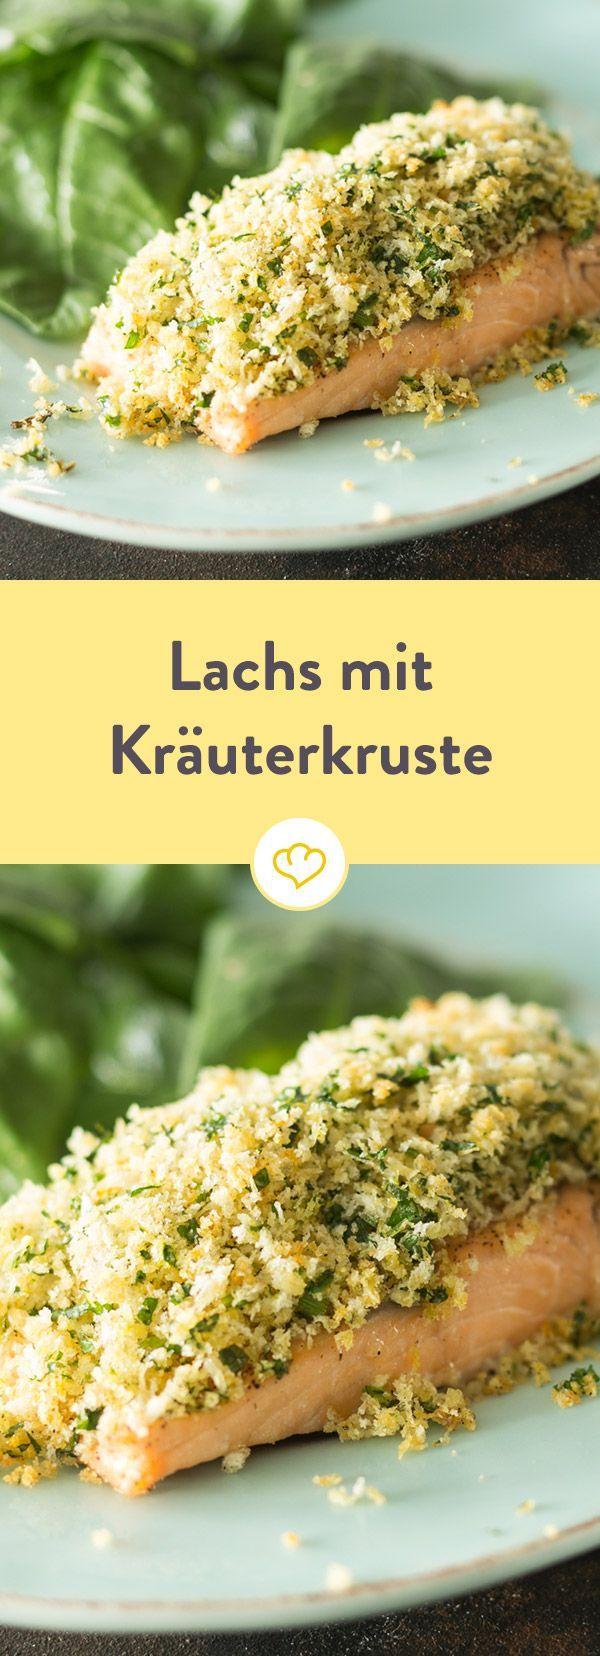 Lachs mit Kräuterkruste und Spinatsalat